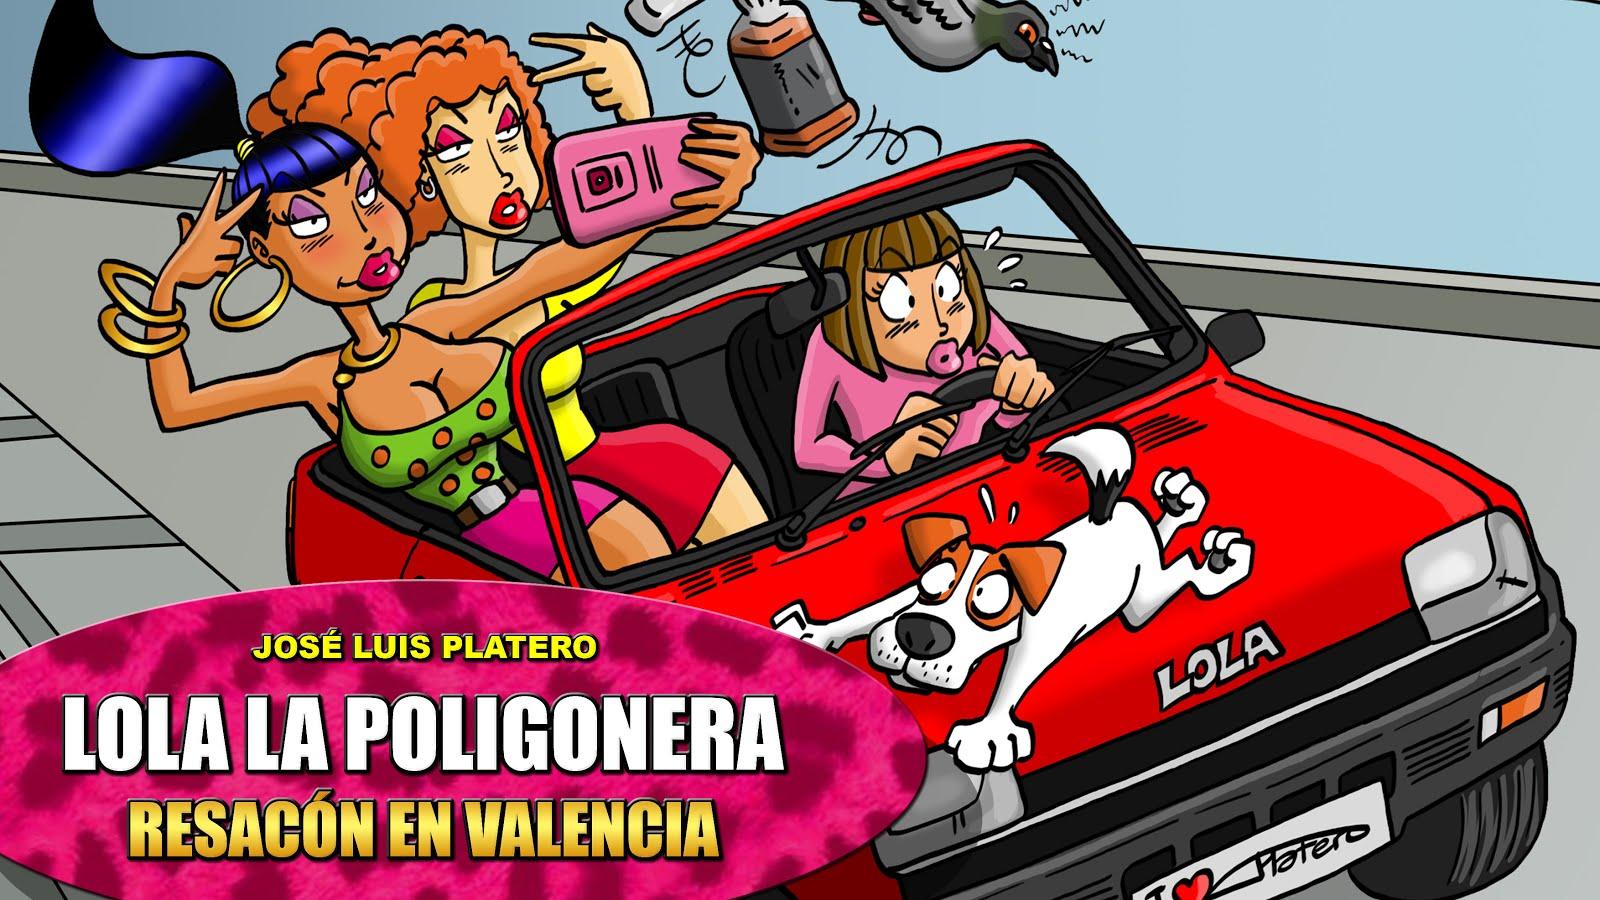 """""""LOLA LA POLIGONERA: RESACÓN EN VALENCIA"""" A LA VENTA"""